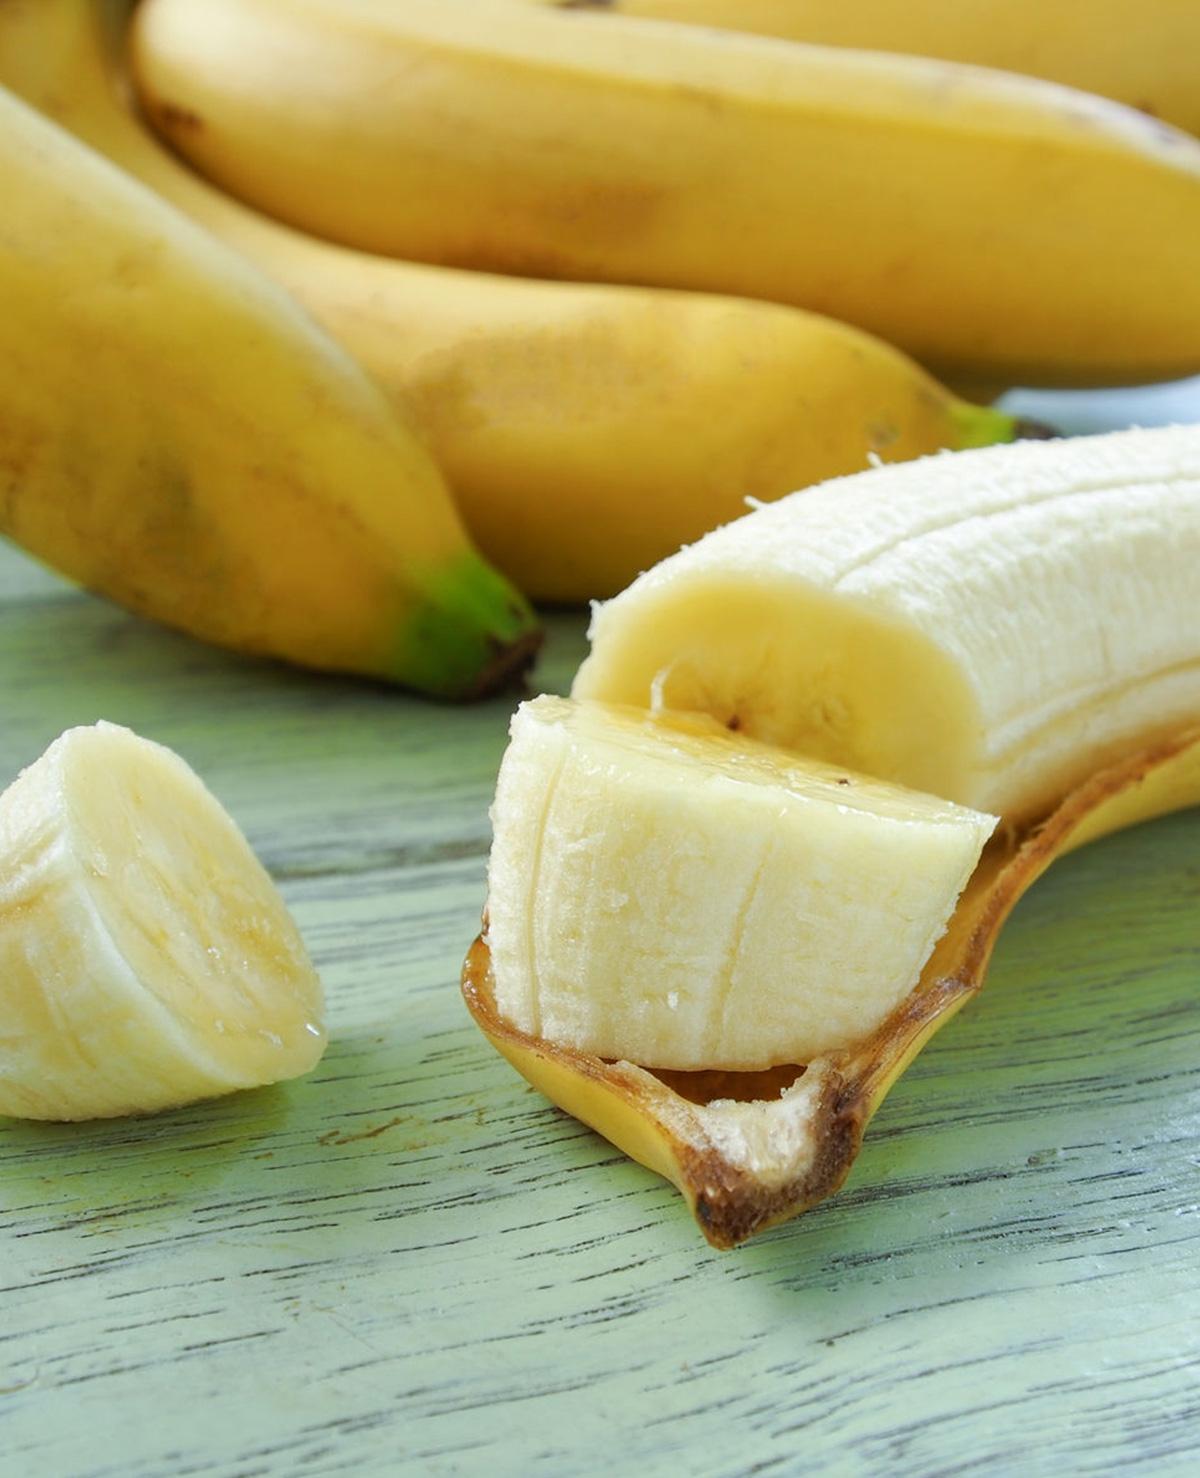 Een bananenschil als superfood